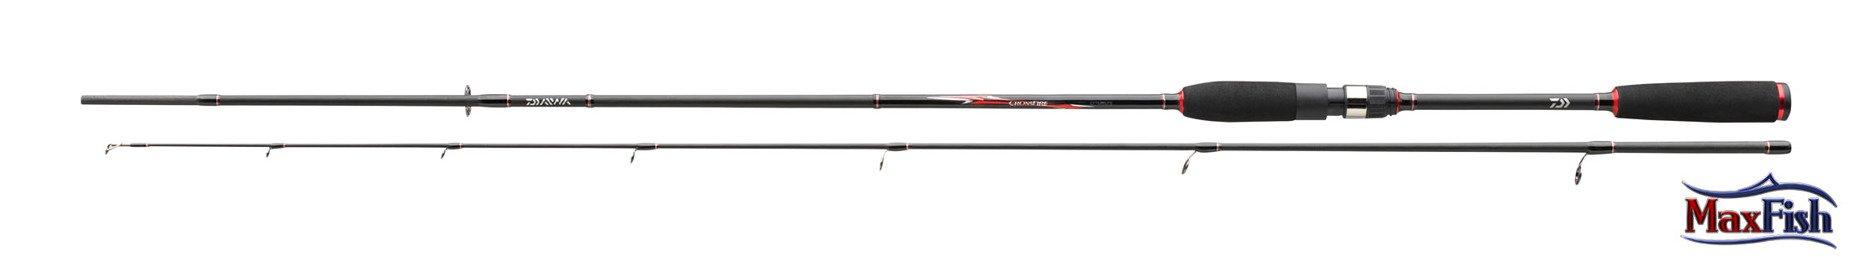 Daiwa Crossfire UL Spin  150cm 2-7g